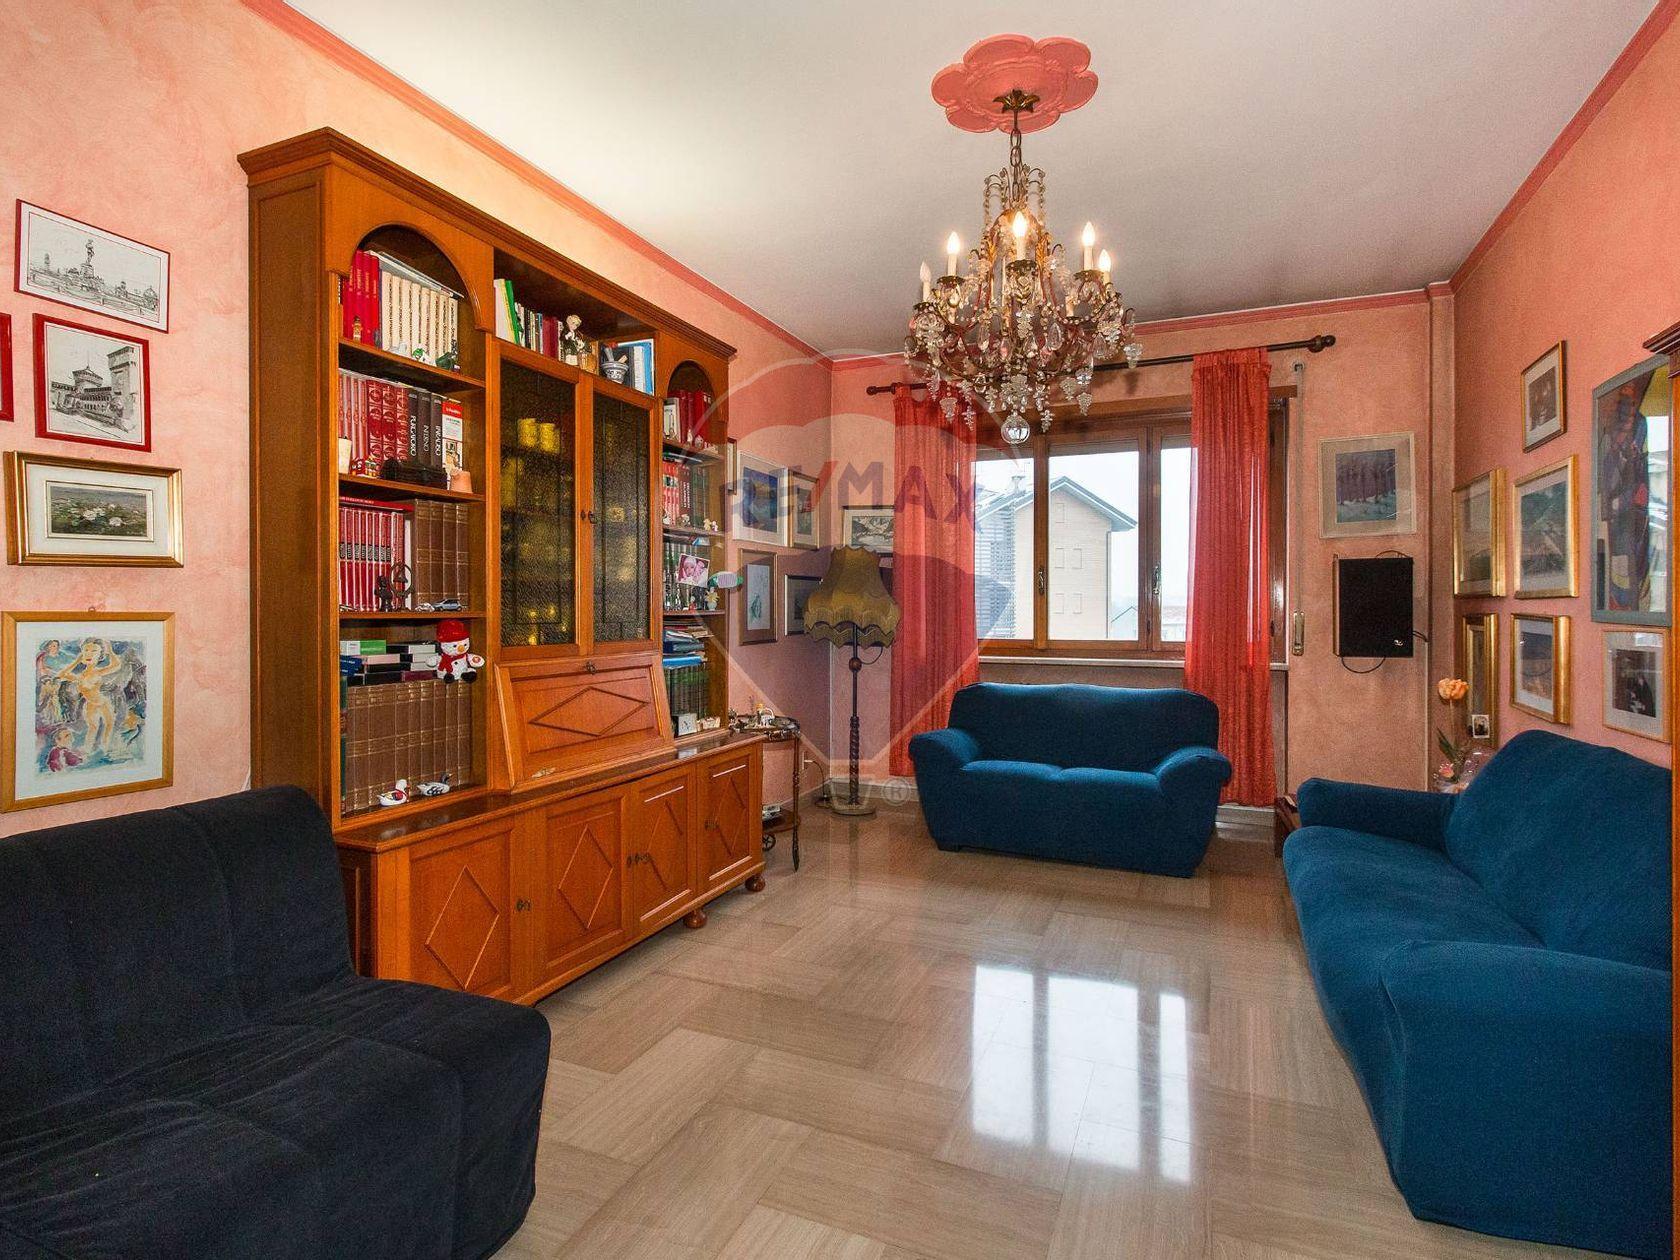 Appartamento San Pietro, Moncalieri, TO Vendita - Foto 14